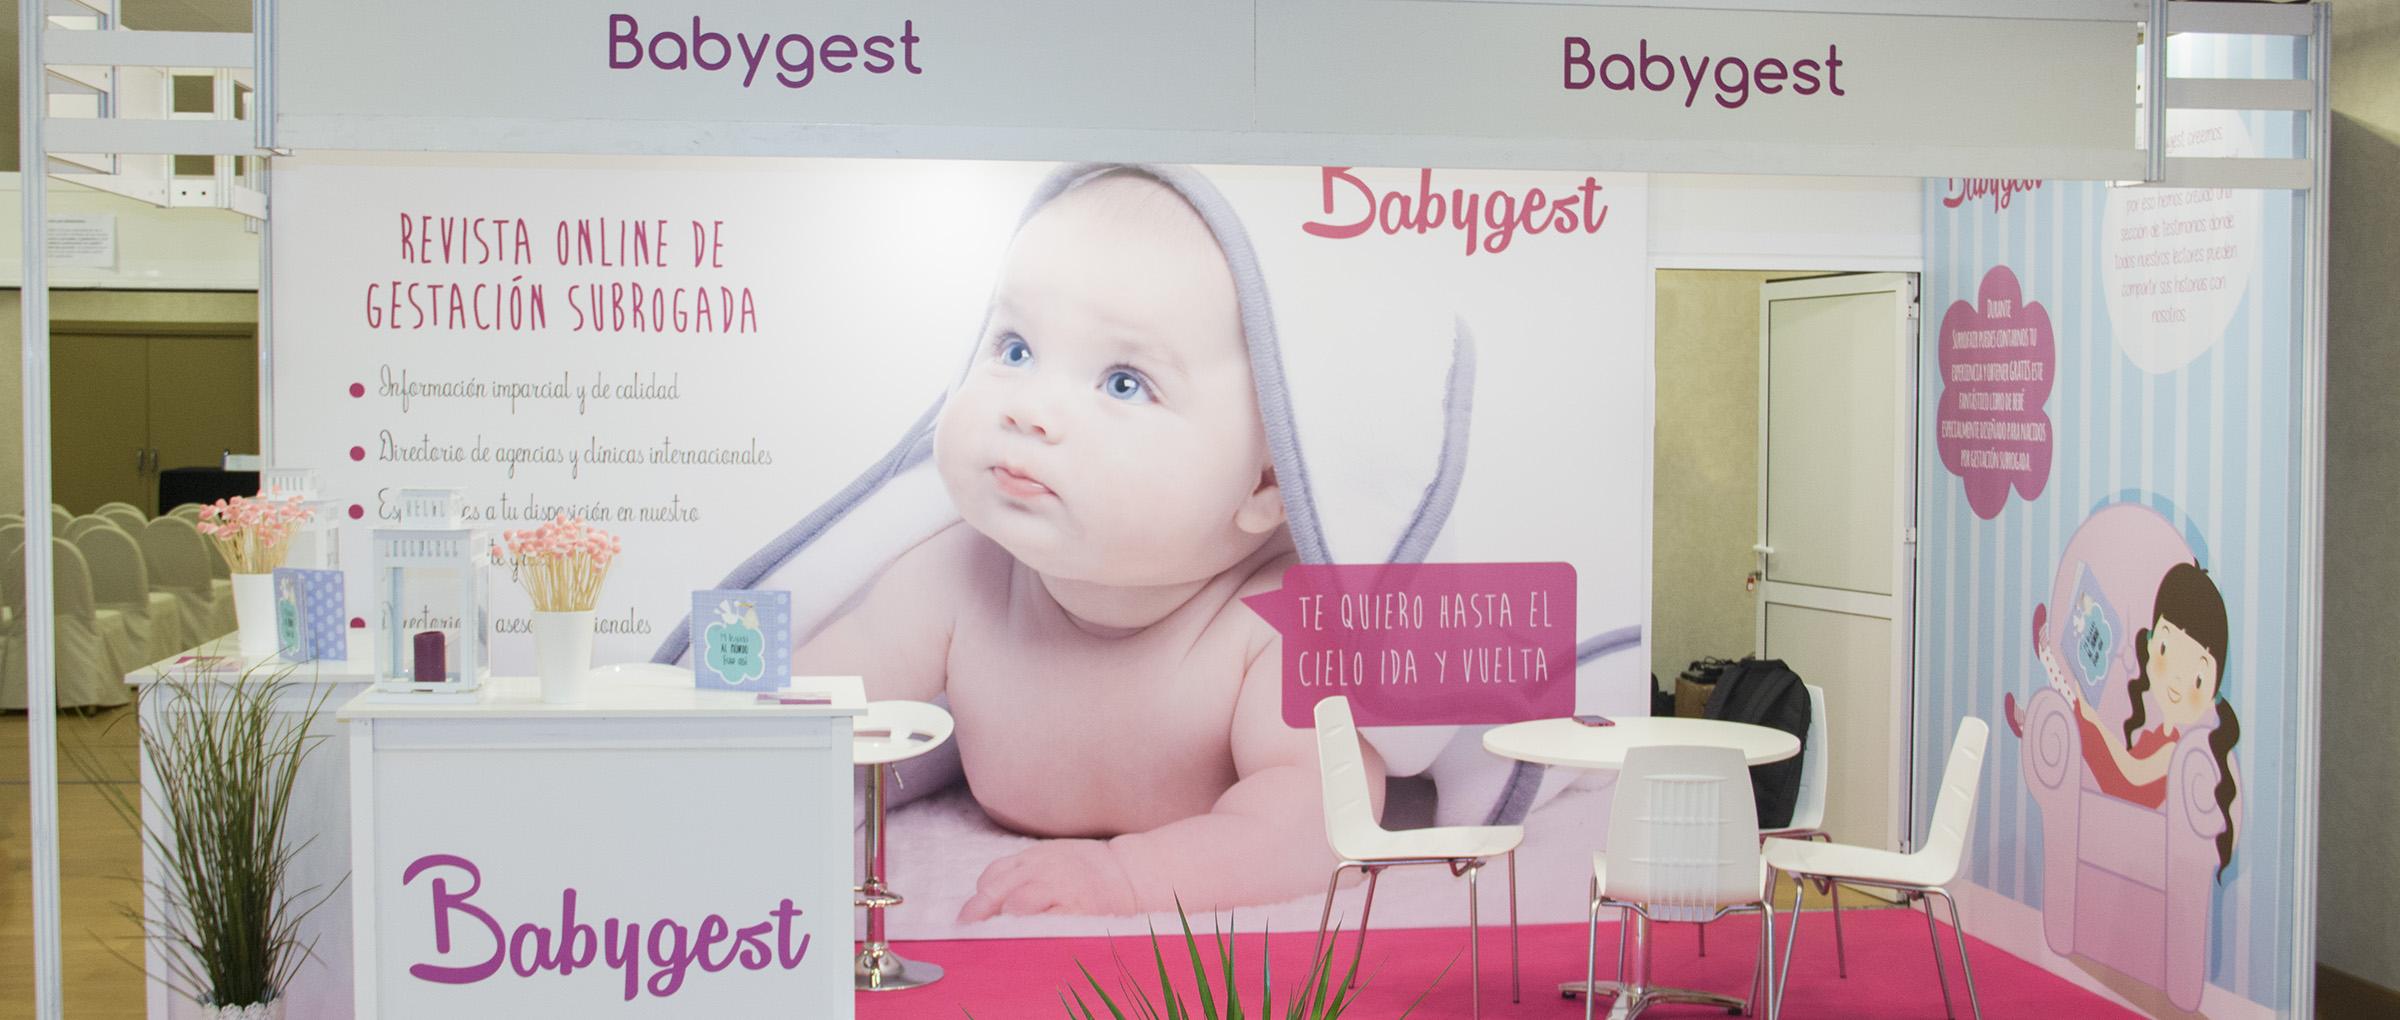 Stand de Babygest en Surrofair